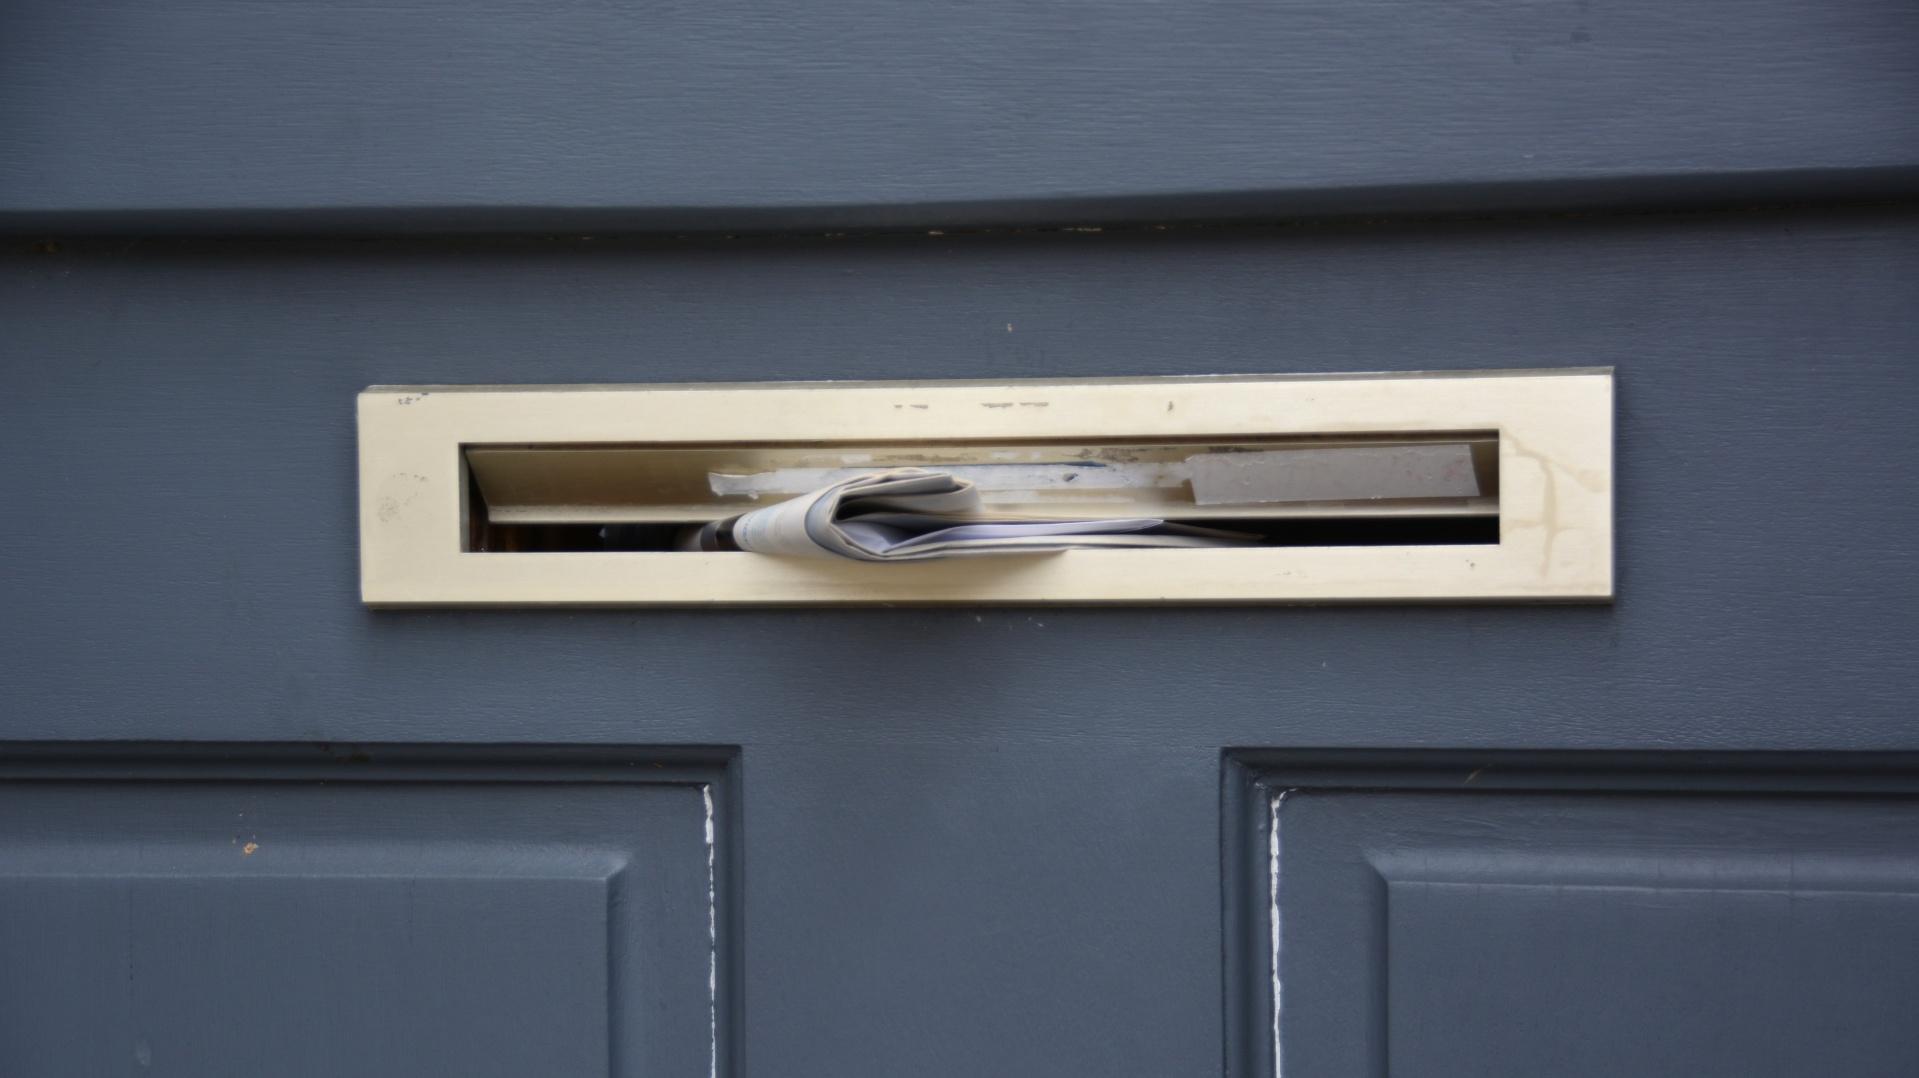 Super brievenbus-in-deur-CCO - Landgraaf YD73